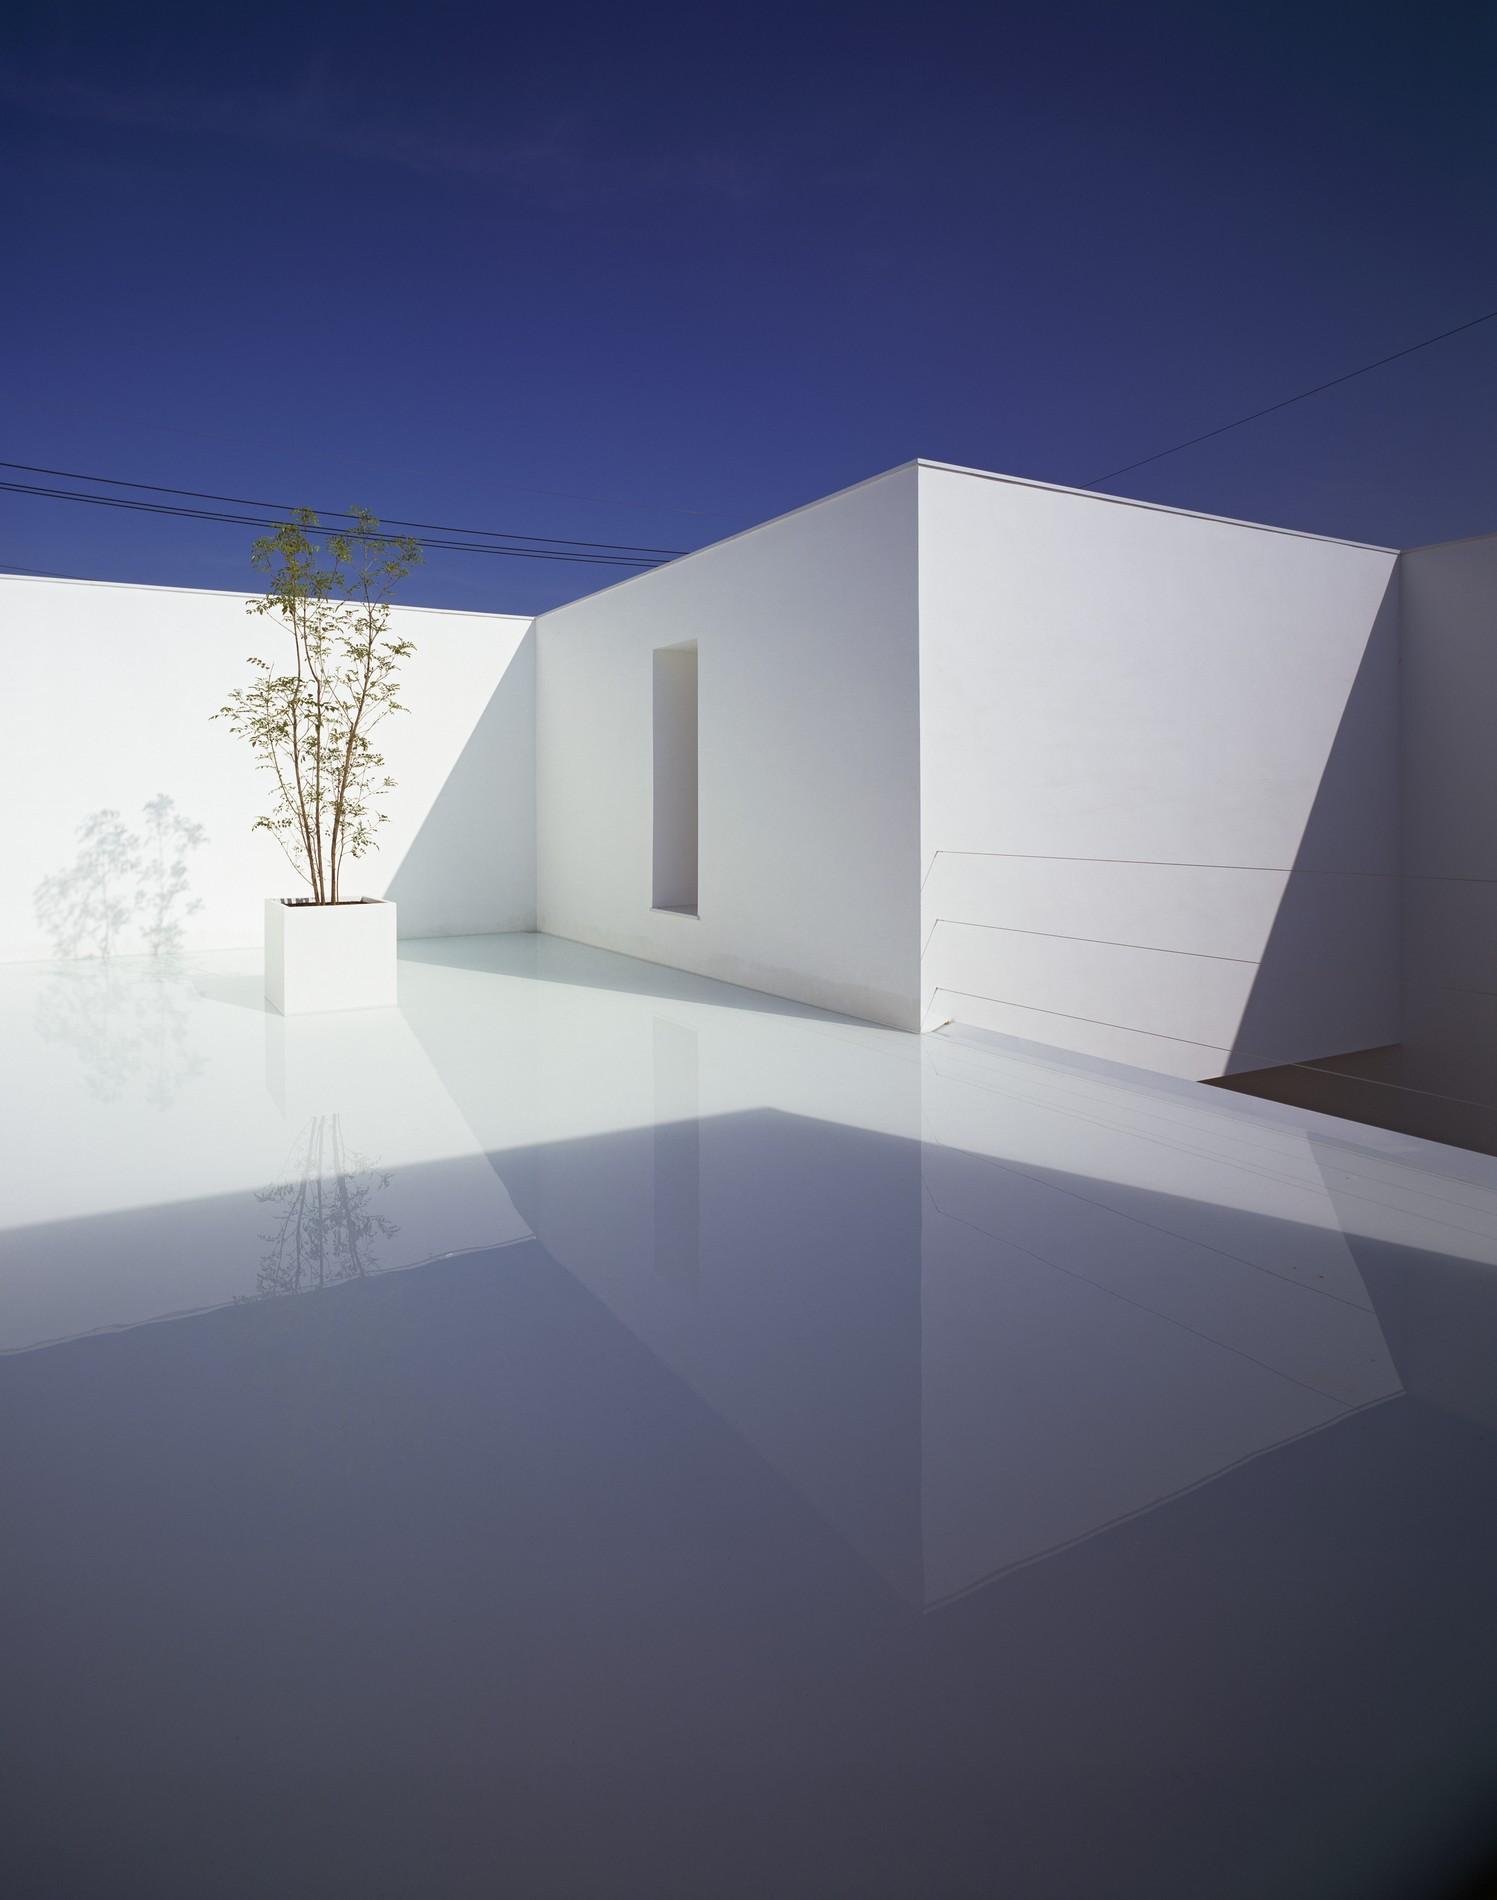 cave architects yamamoto takuro modern minimalist architect kanazawa concrete minimalism architecture japanese japan milk into bright courtyard perfectly integrated toilet